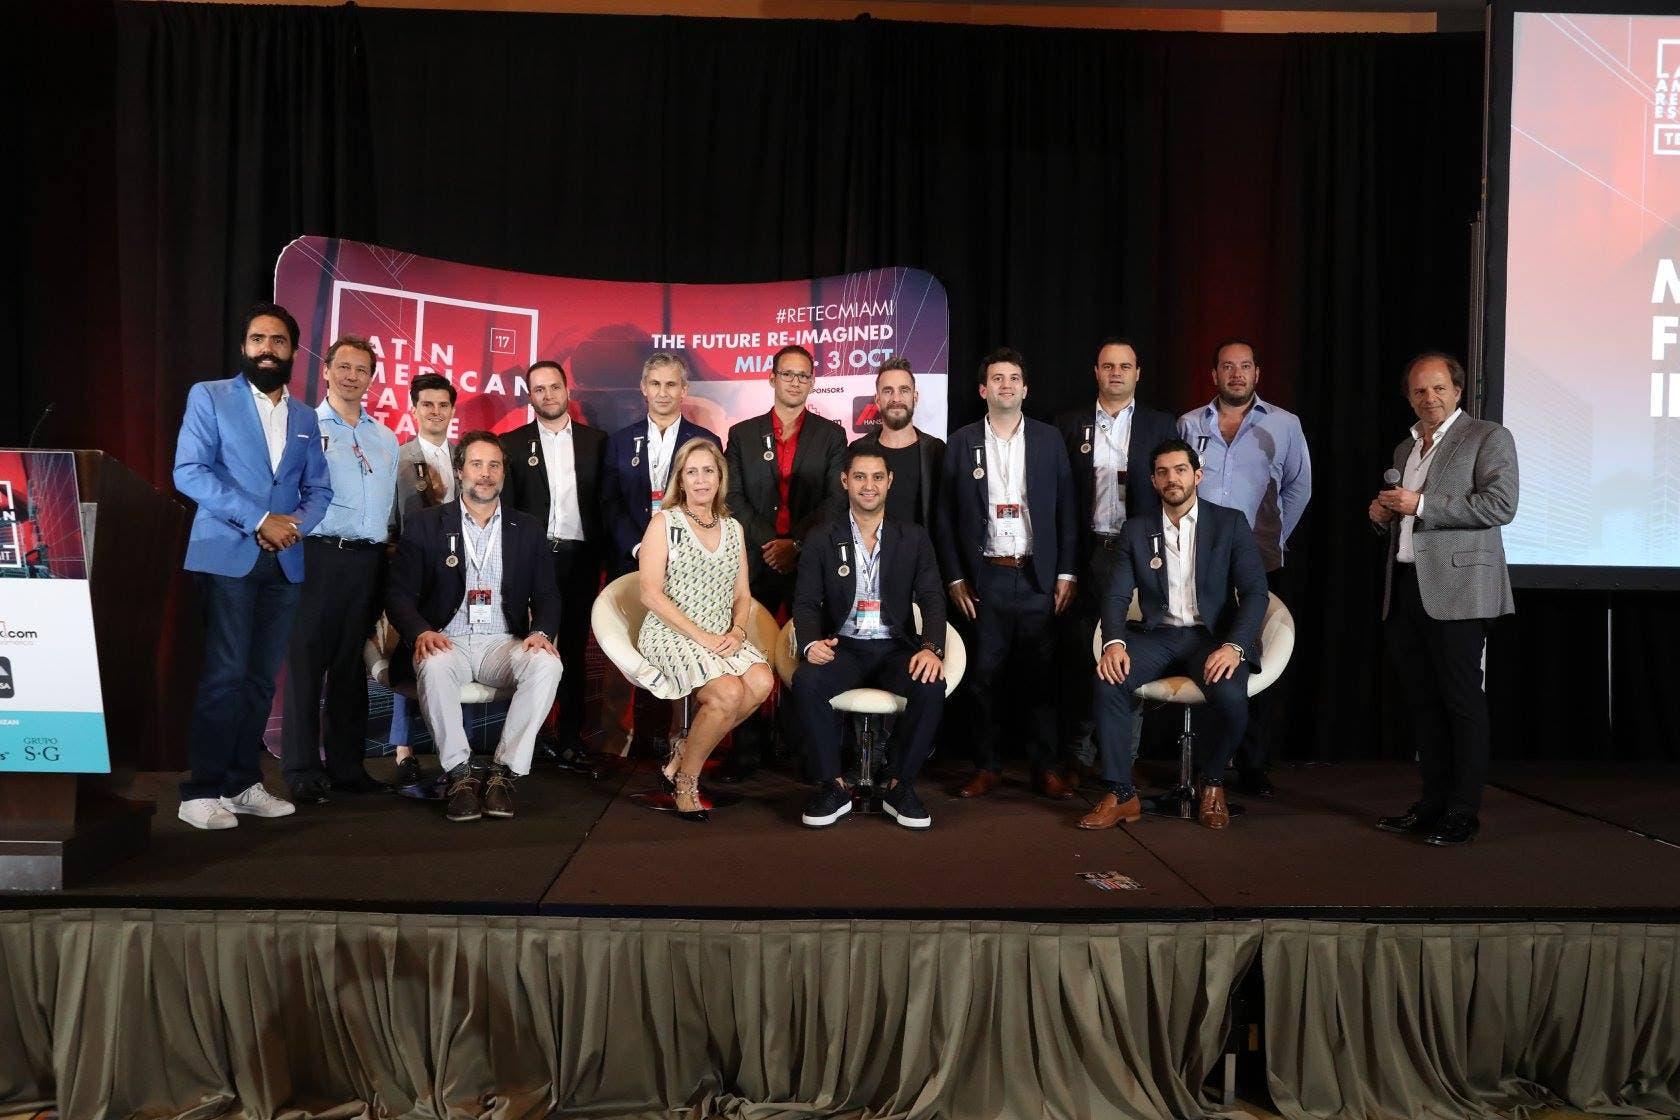 Se reúnen los grandes del sector inmobiliario latinoamericano